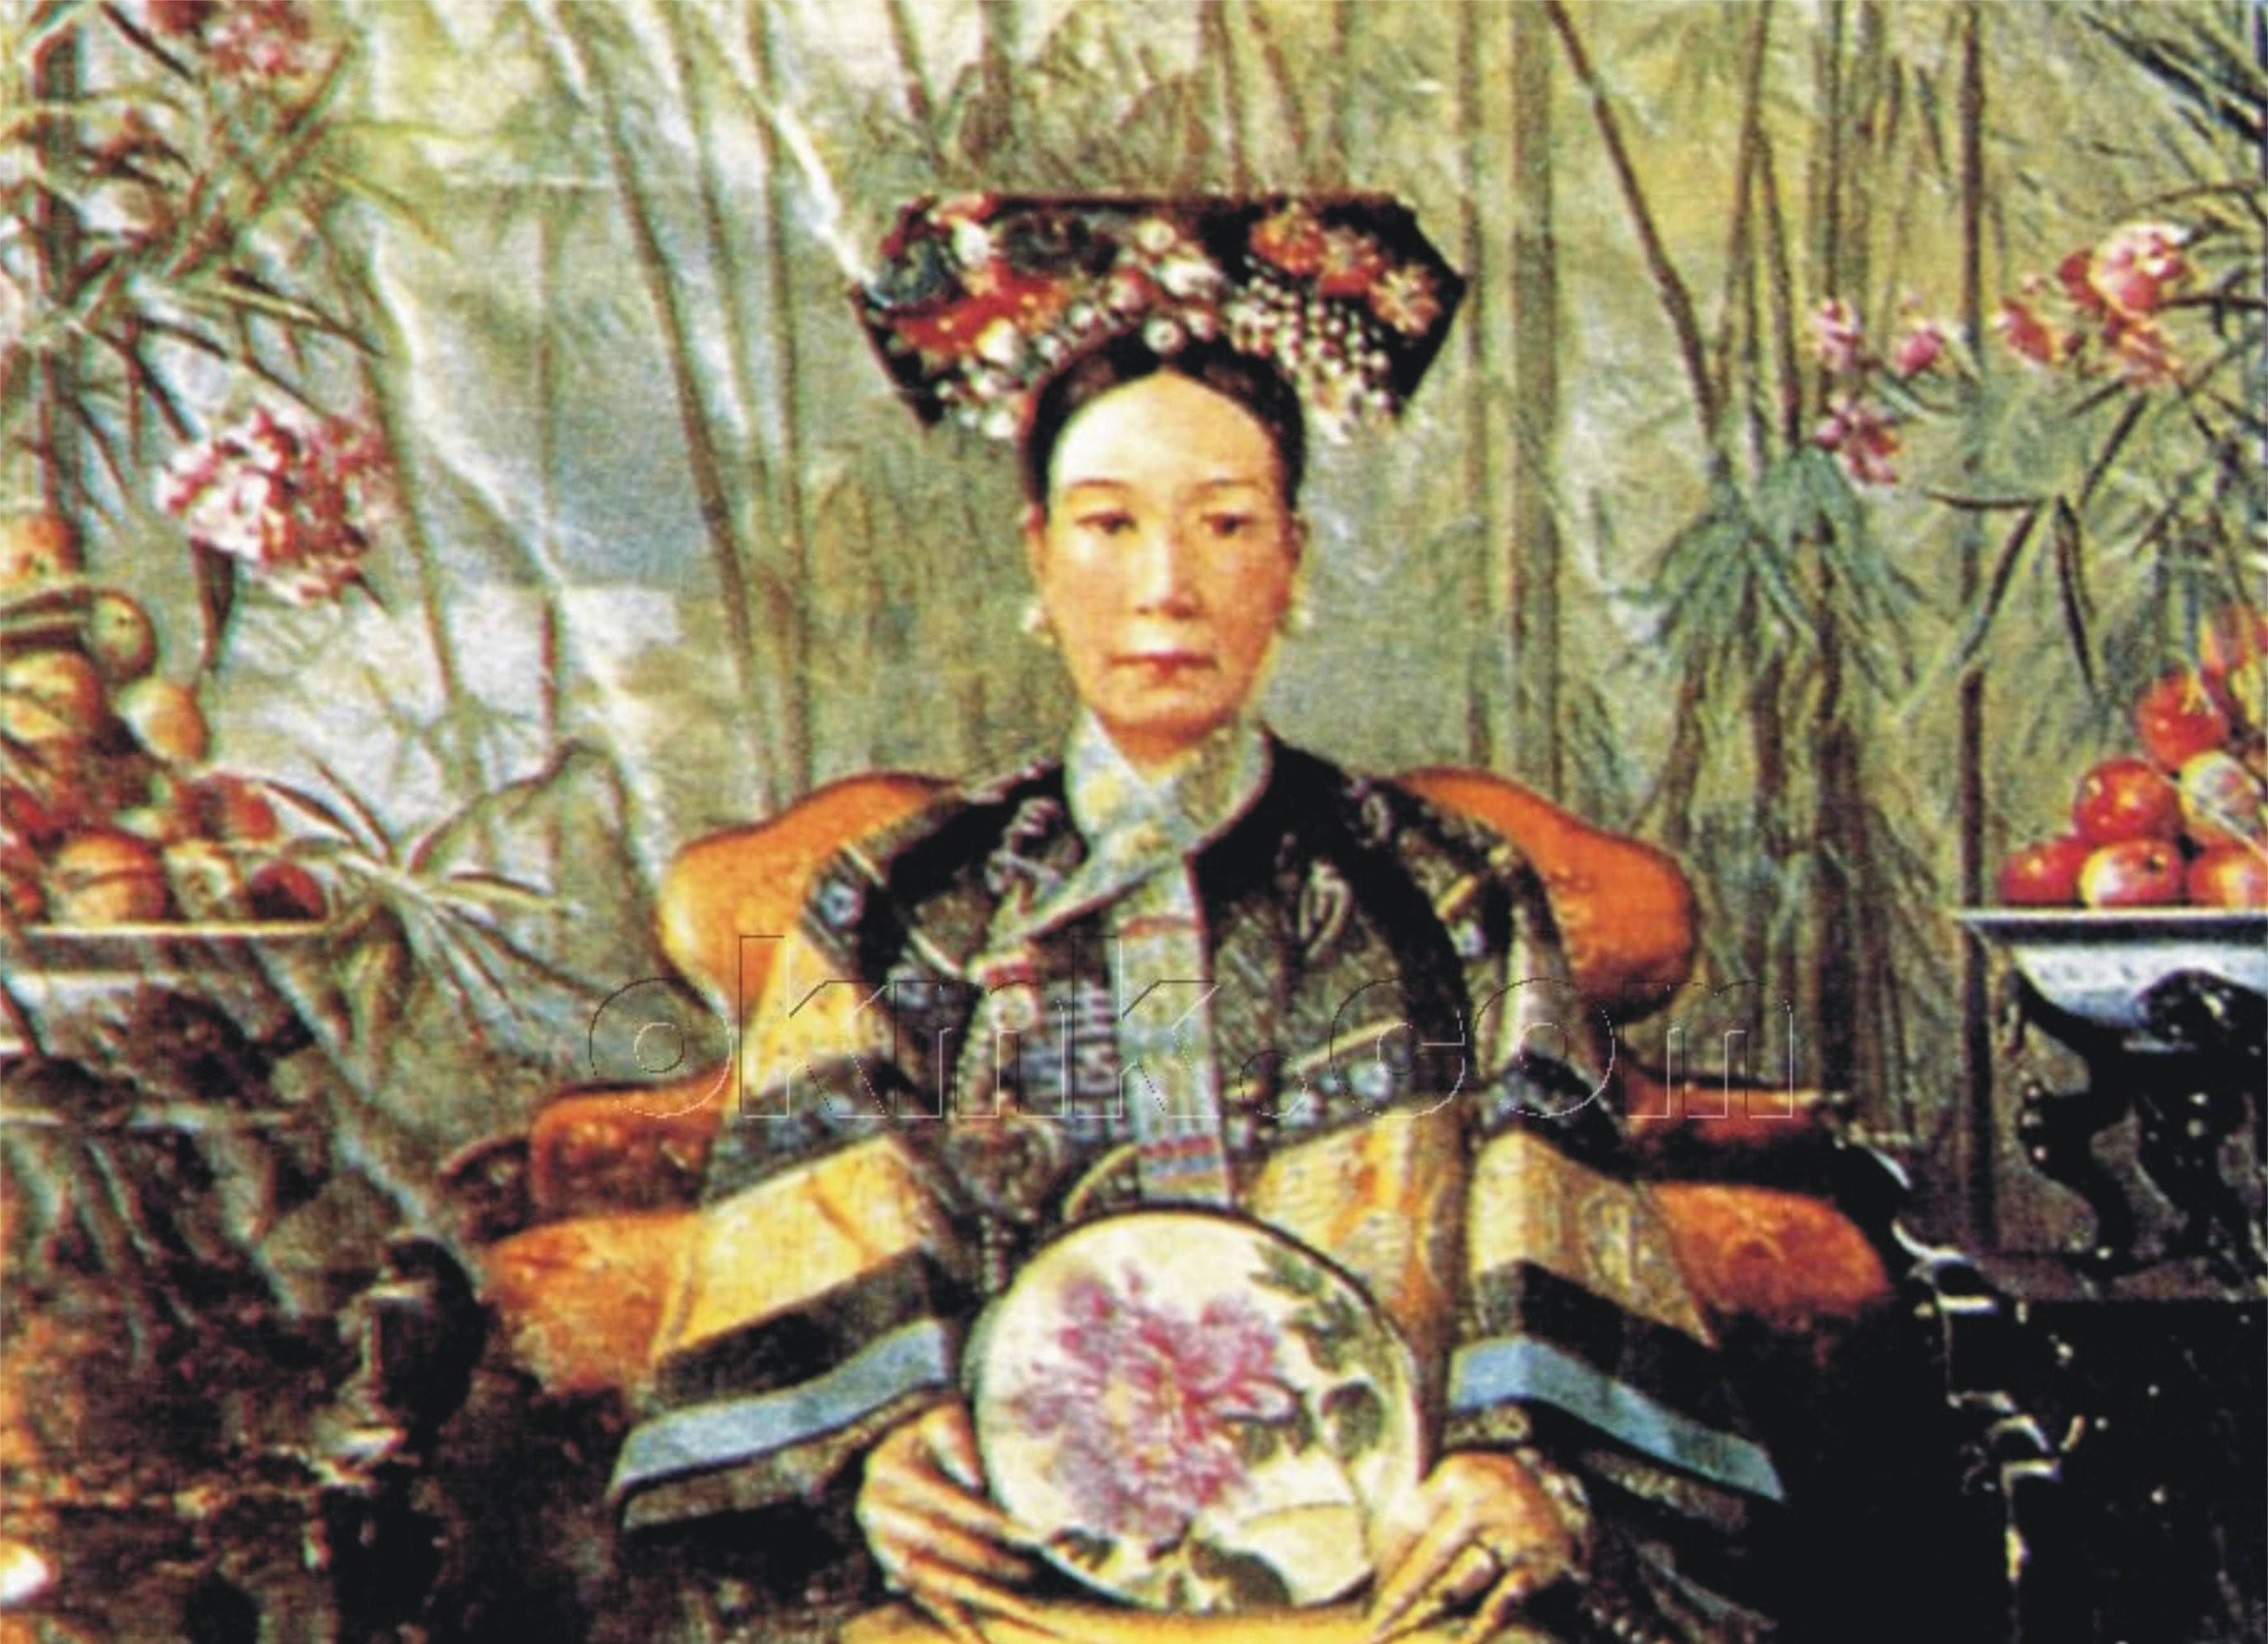 翡翠瞳:要了解翡翠文化,一定先看慈禧太后宋美龄痴迷翡翠的故事